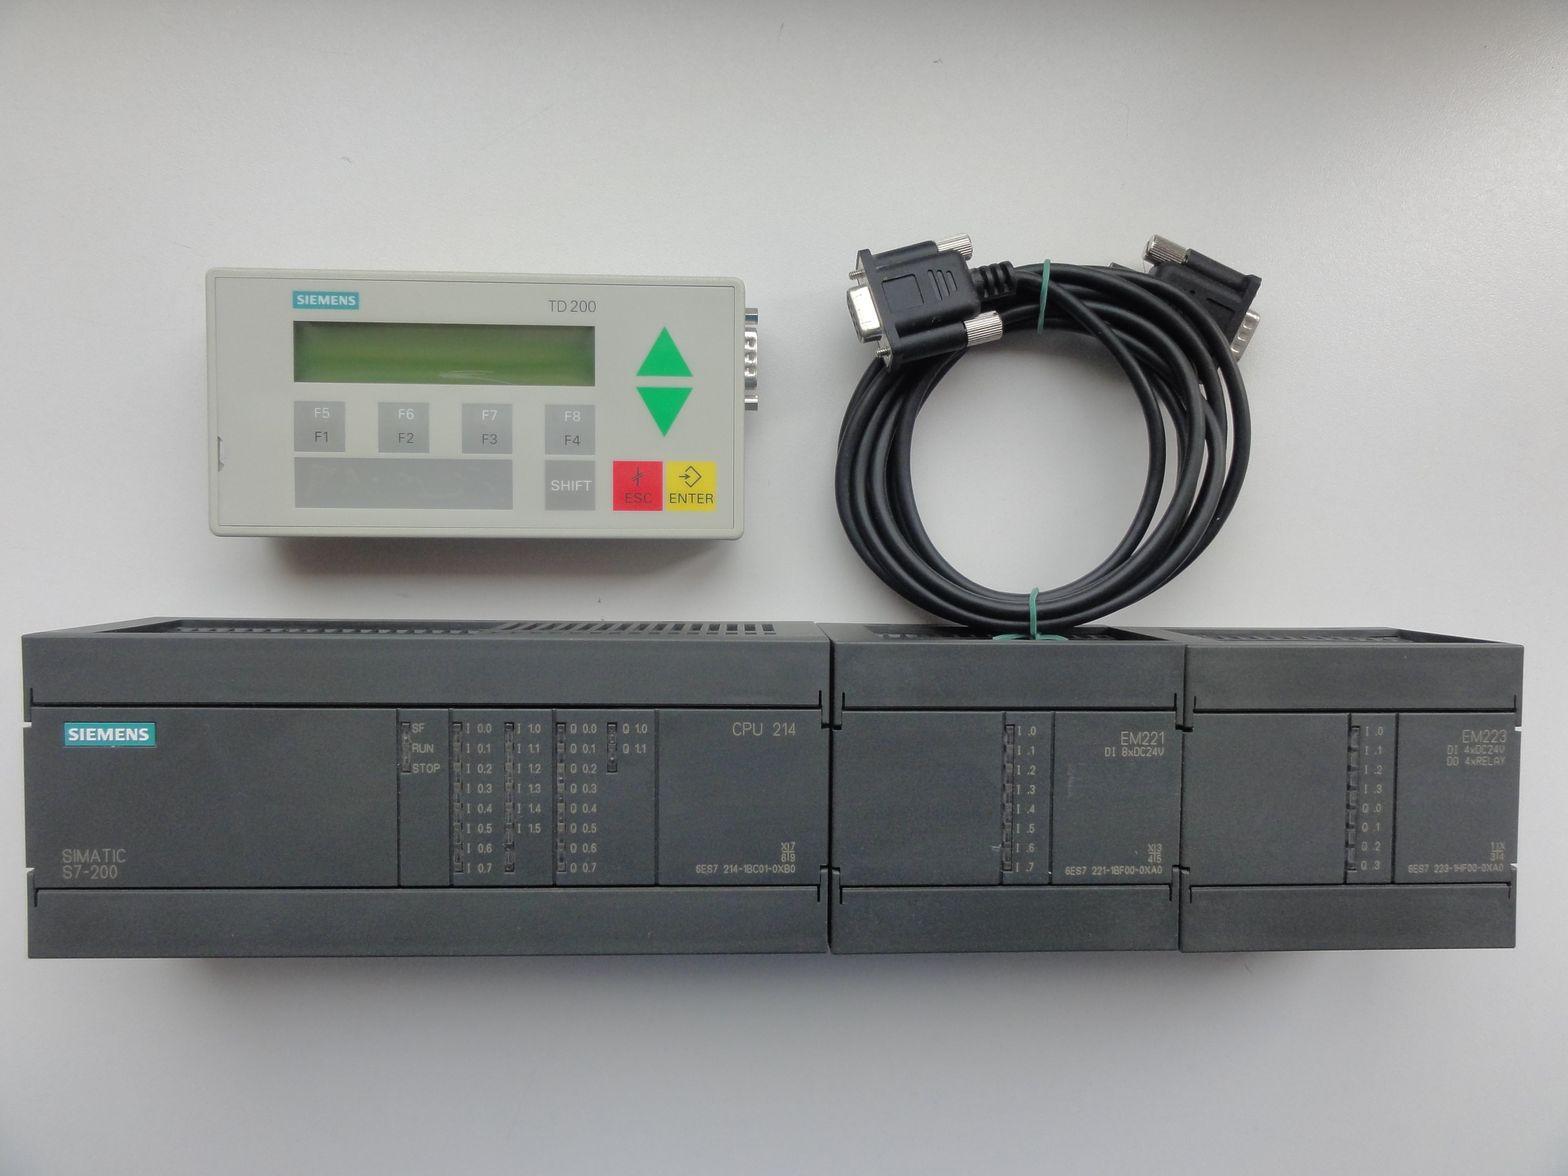 [Sprzedam] Sterownik Siemens S7-200 CPU 214 + Panel TD200  (28 wej��+16 wyj��)